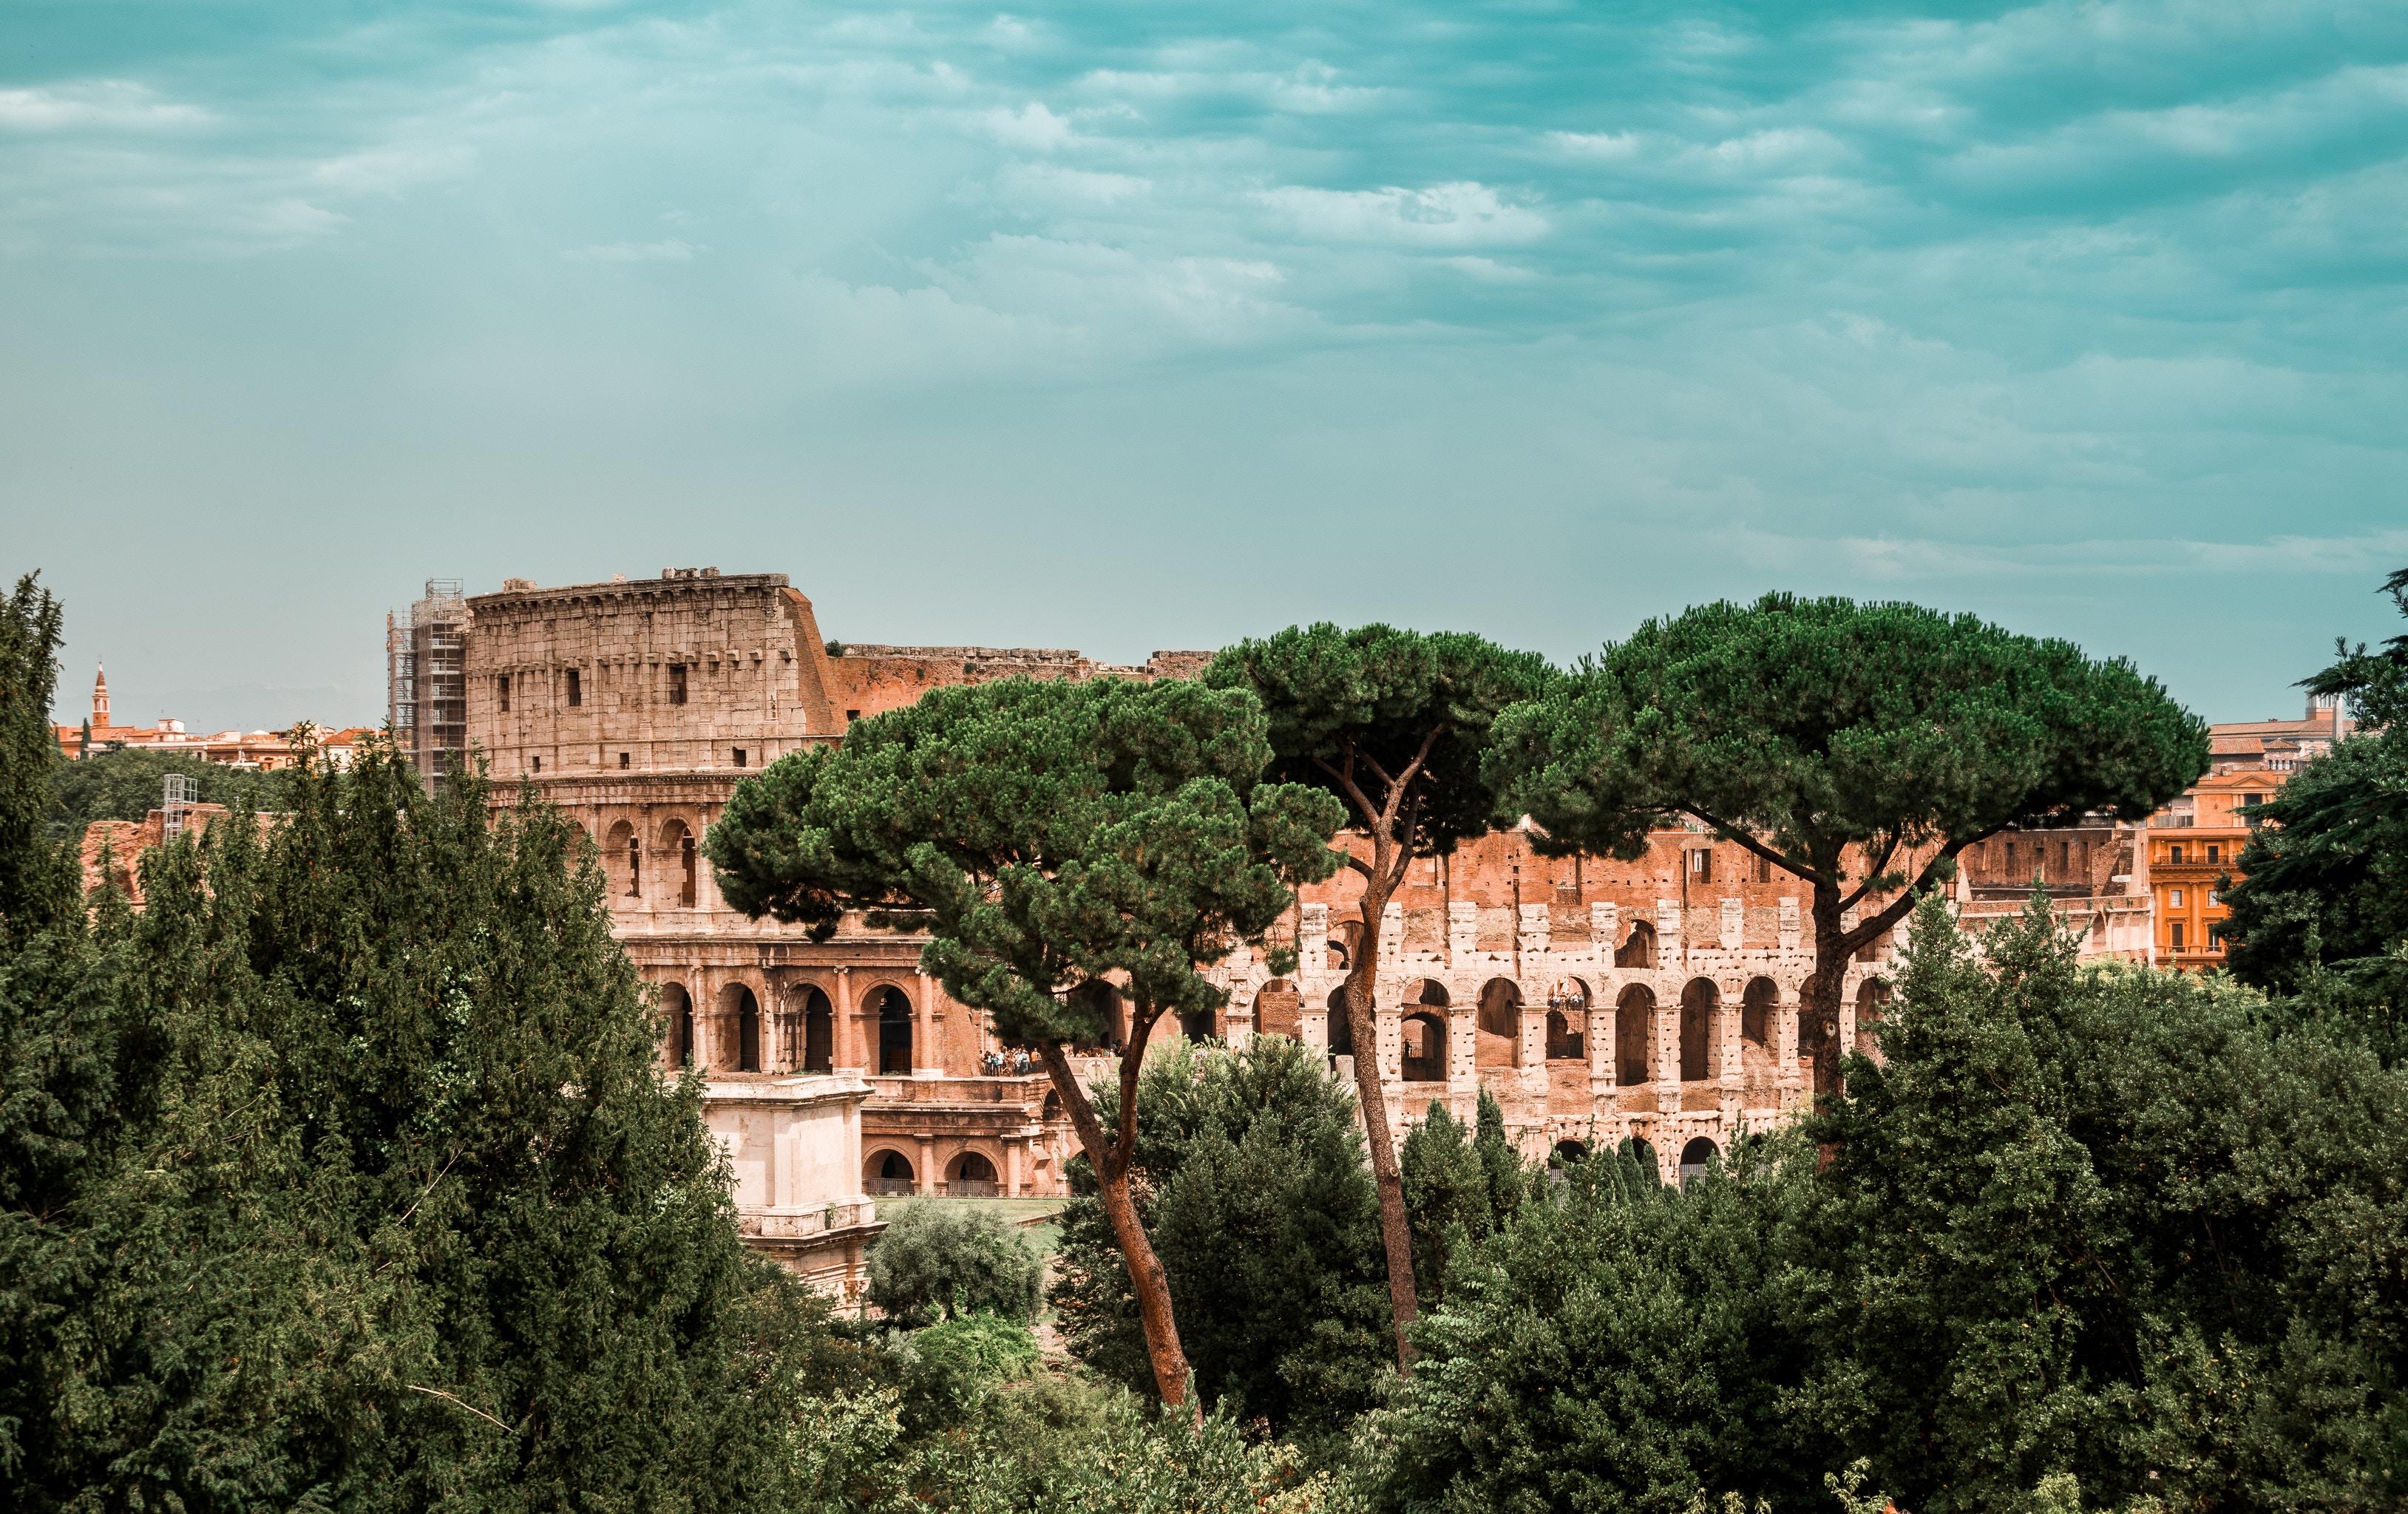 48 uur in Rome? Zo zie je alle hoogtepunten.